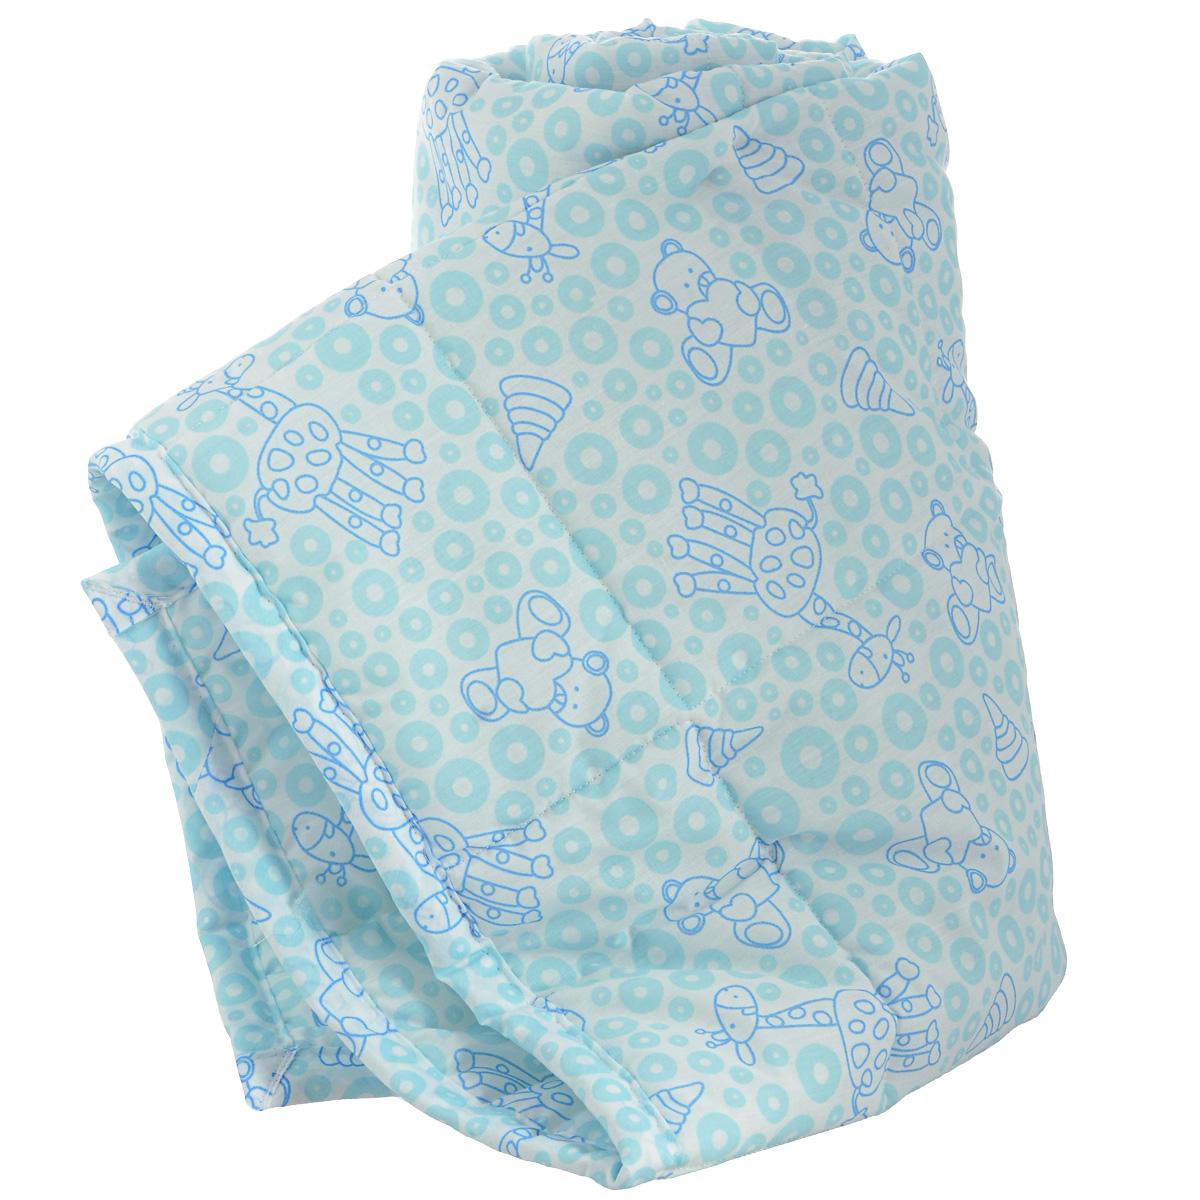 Одеяло детское Baby Nice Жирафы, стеганое, цвет: голубой, 110 см x 140 см. Q0412323Q0412323